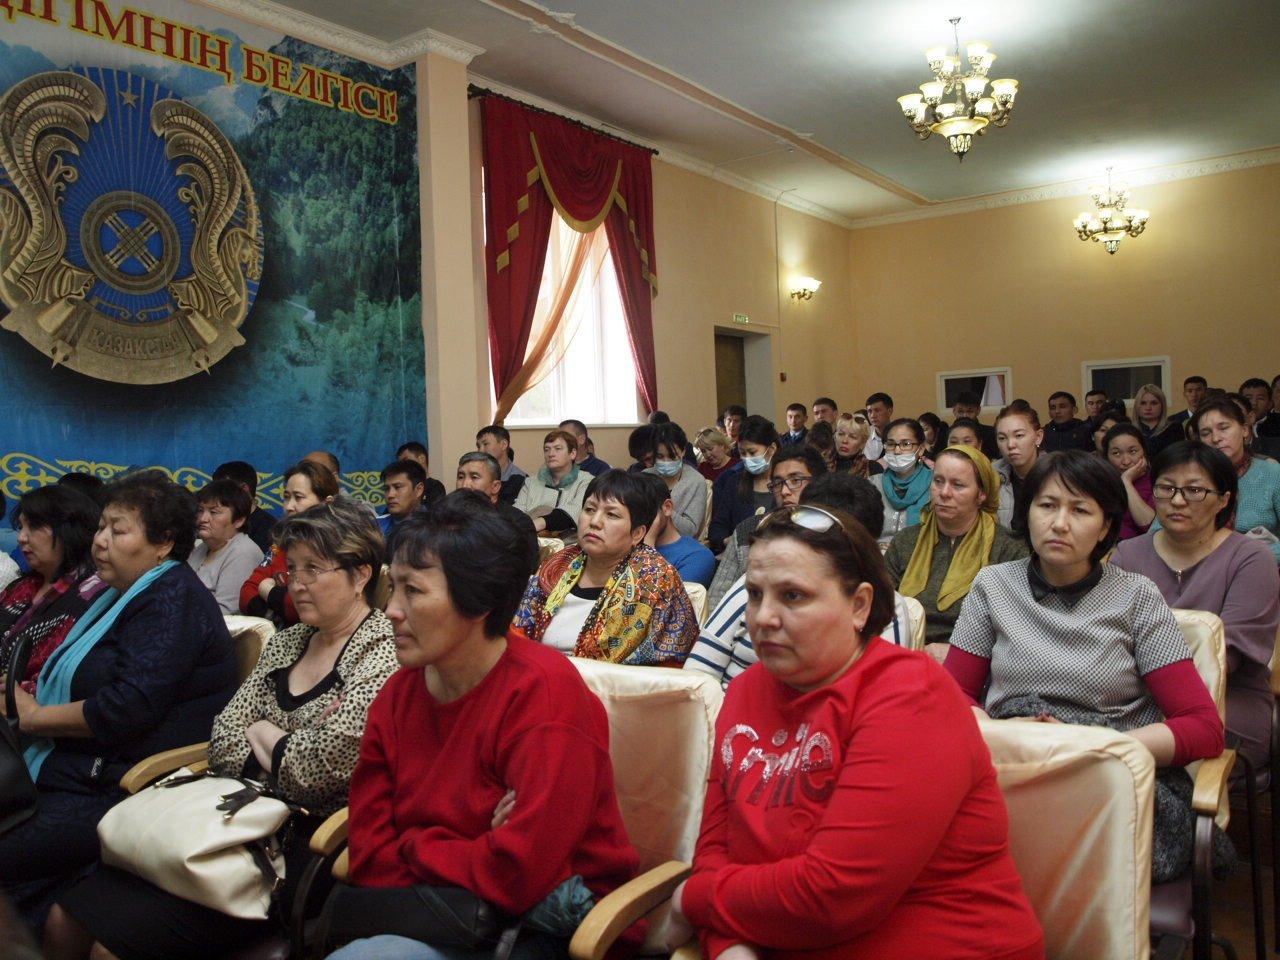 НПО, представители религии и власти Текели обсудили вопросы развития общества, фото-1